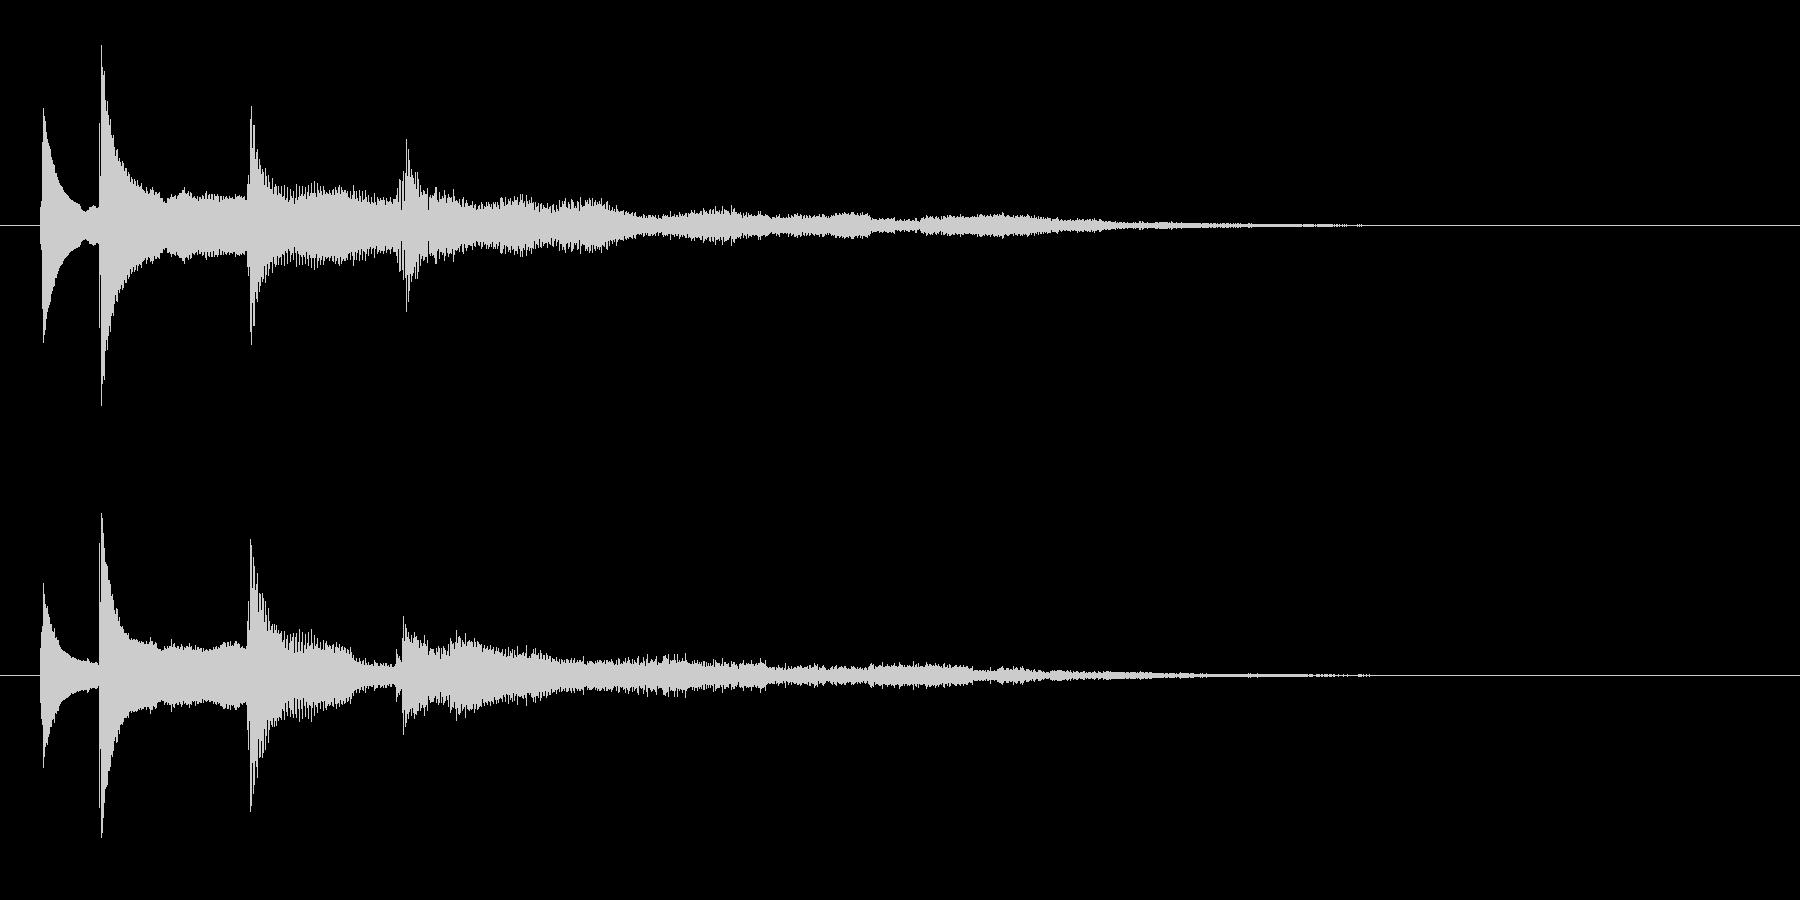 水とベルがテーマのアイキャッチの未再生の波形